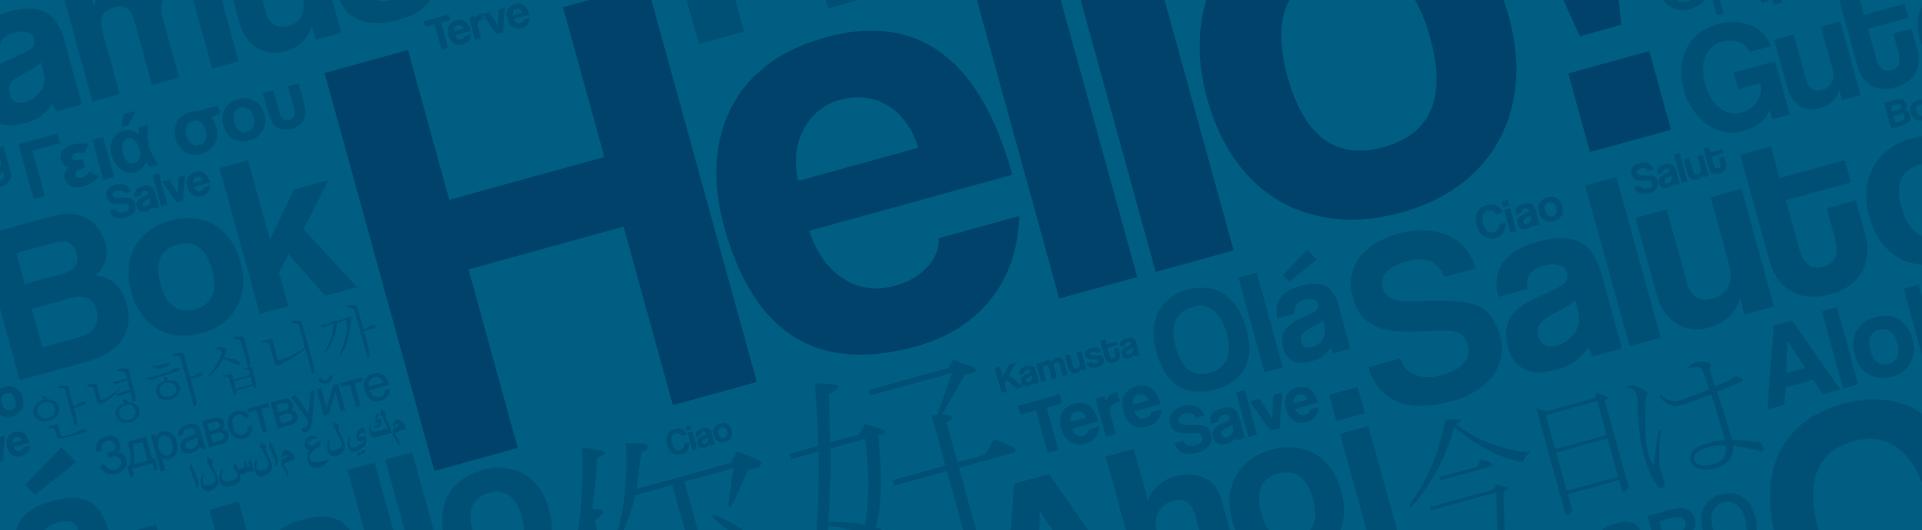 traducciones en Salesforce